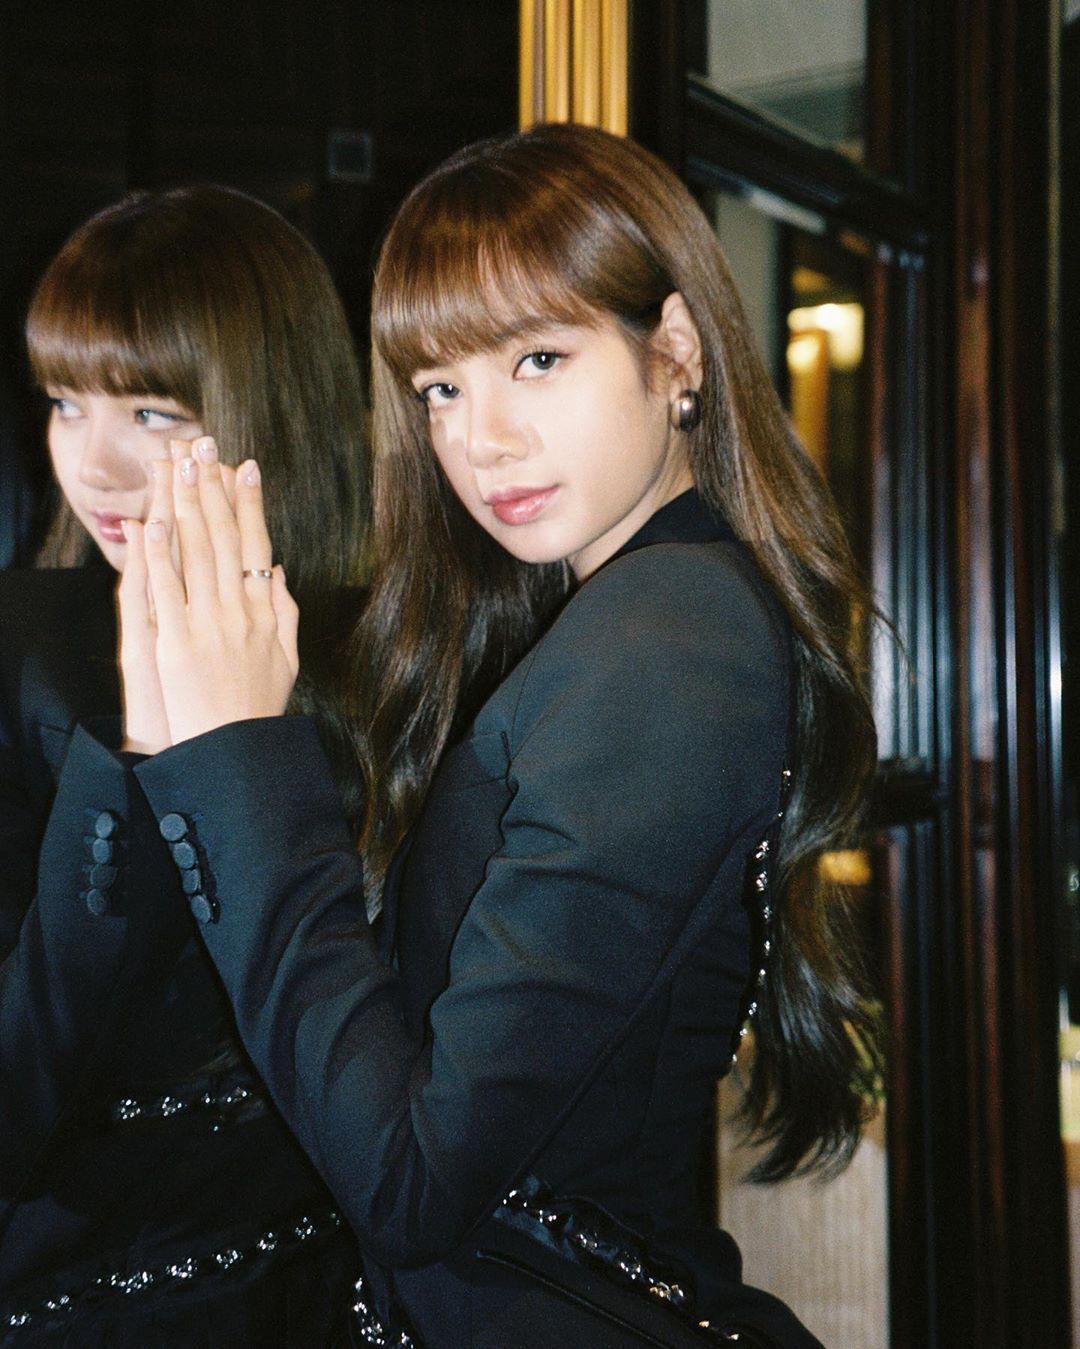 韩国当红偶像BLACKPINK成员Lisa的成功之道,竟然如此简单?插图7